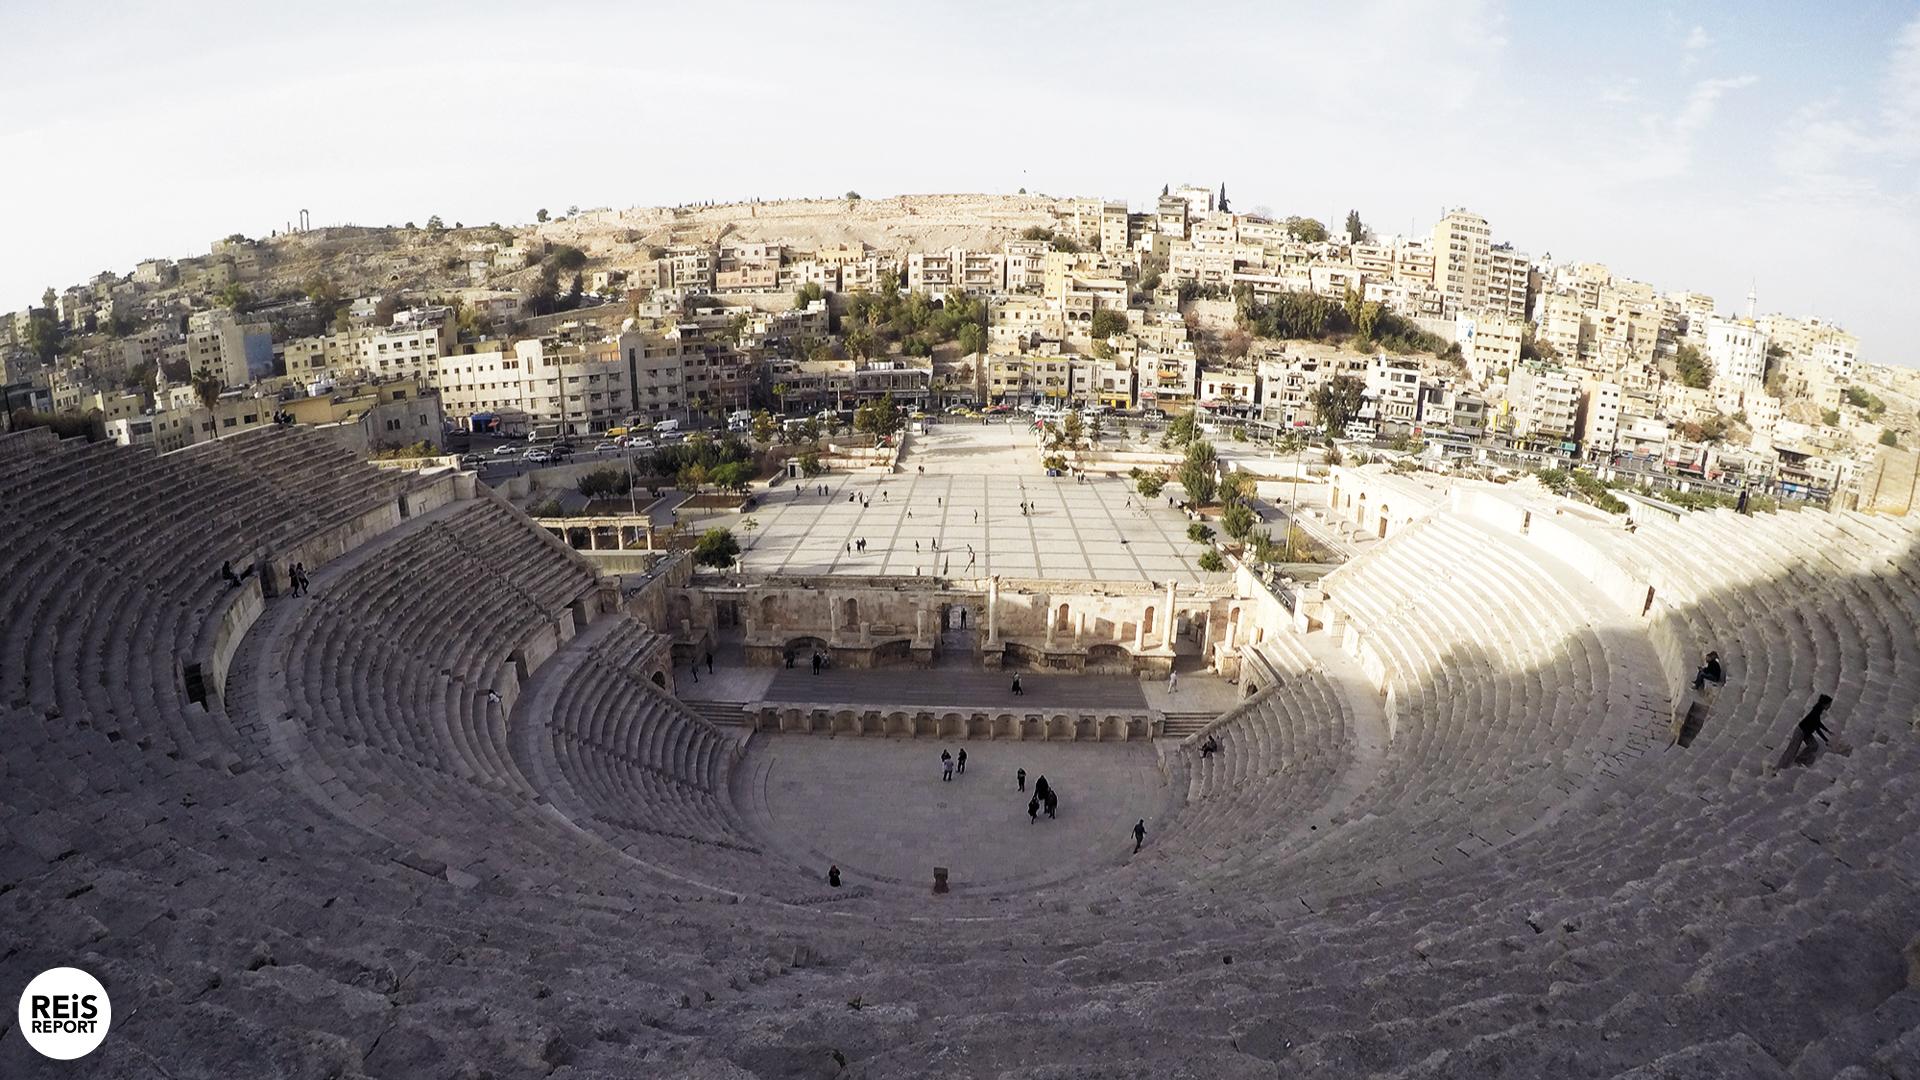 romeins theater amman jordanie3